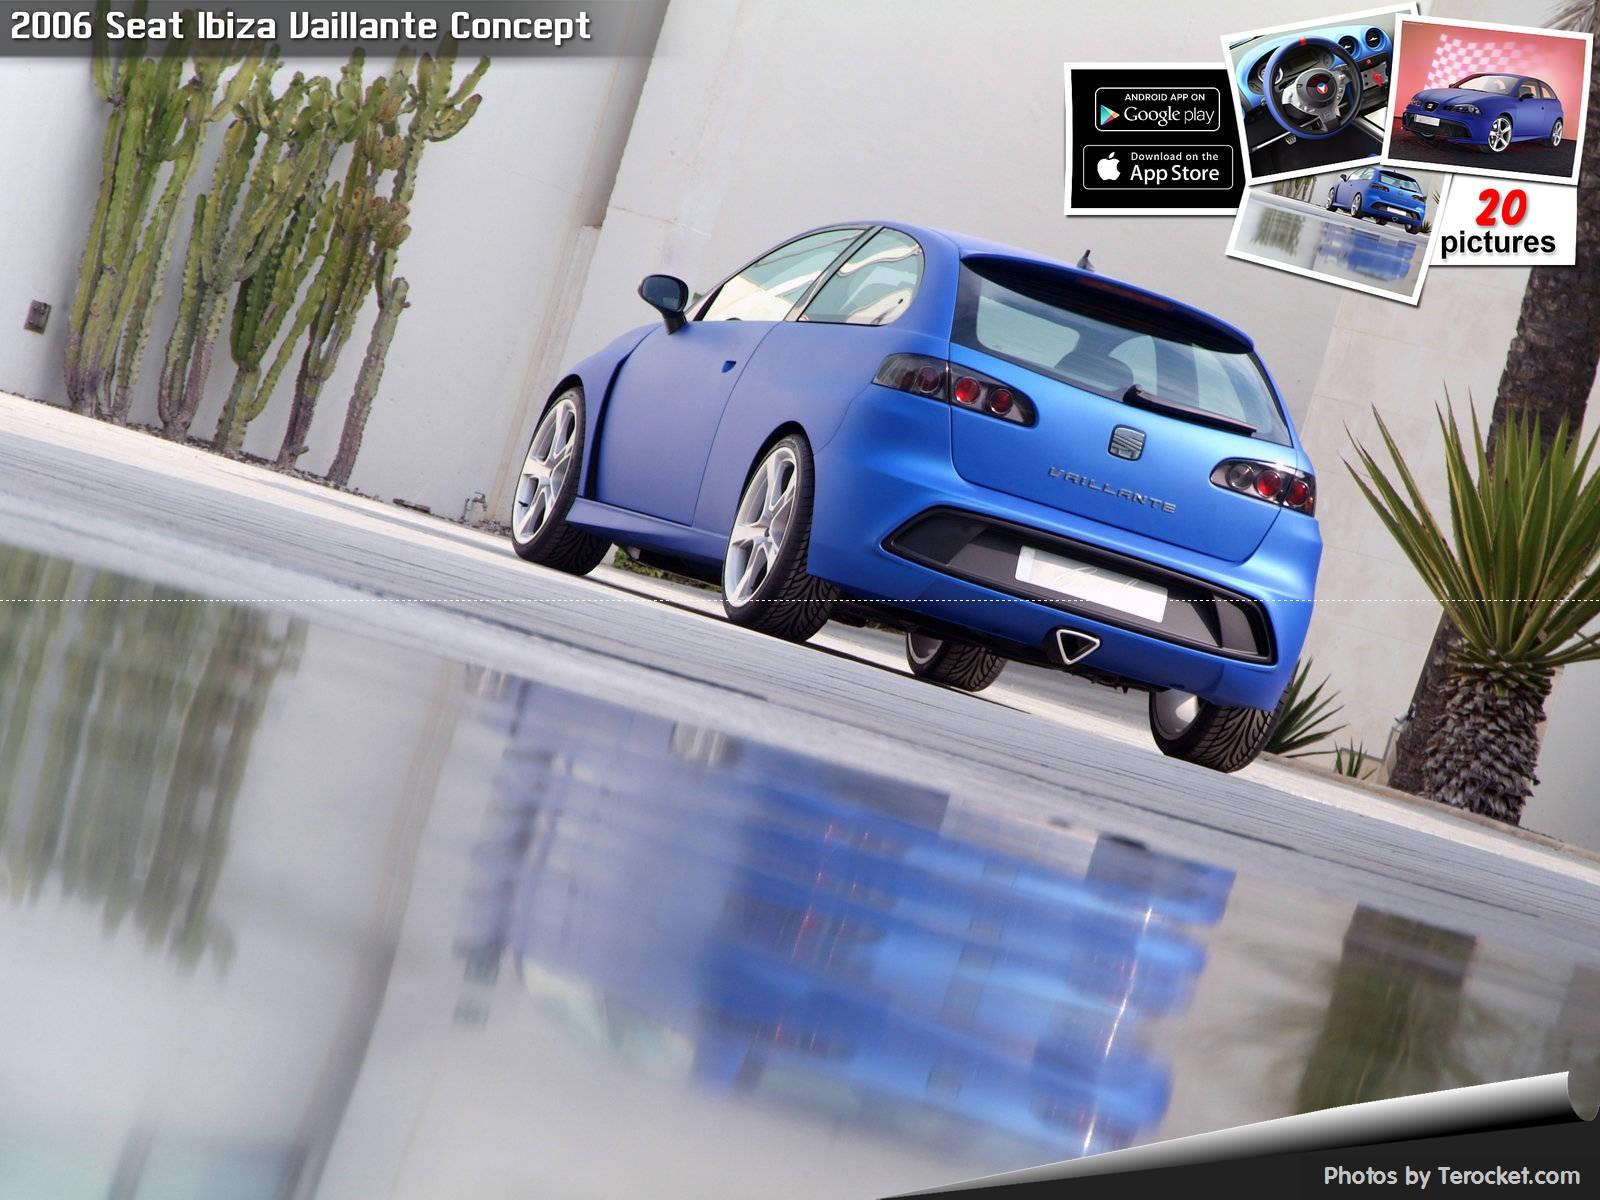 Hình ảnh xe ô tô Seat Ibiza Vaillante Concept 2006 & nội ngoại thất